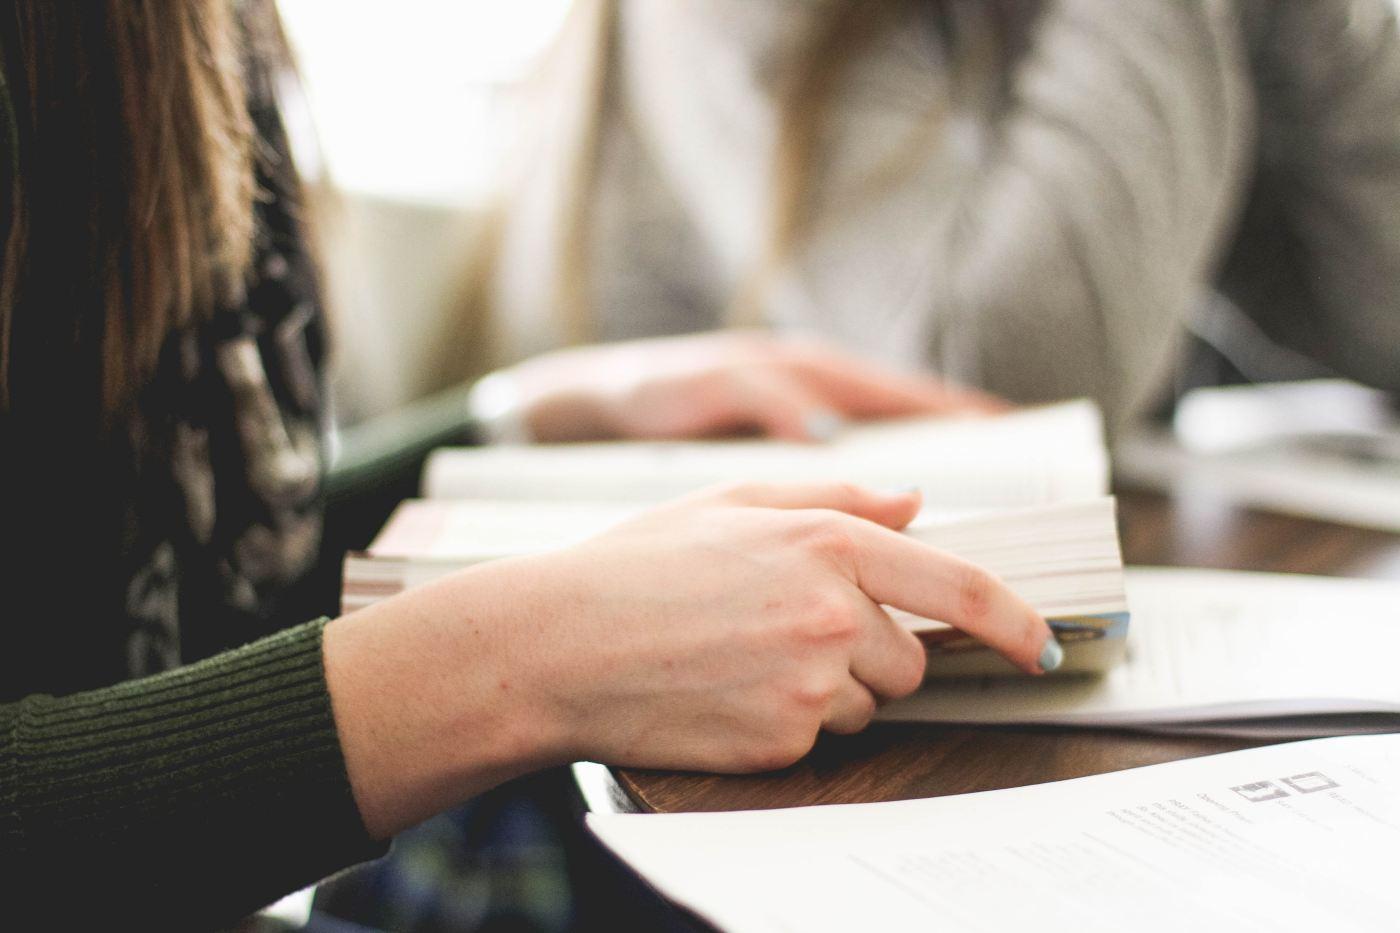 多益855聽讀考試技巧推薦 – 多益 | 托福 | 雅思 | 全民英檢 | 日文檢定 | 英日文基礎課程